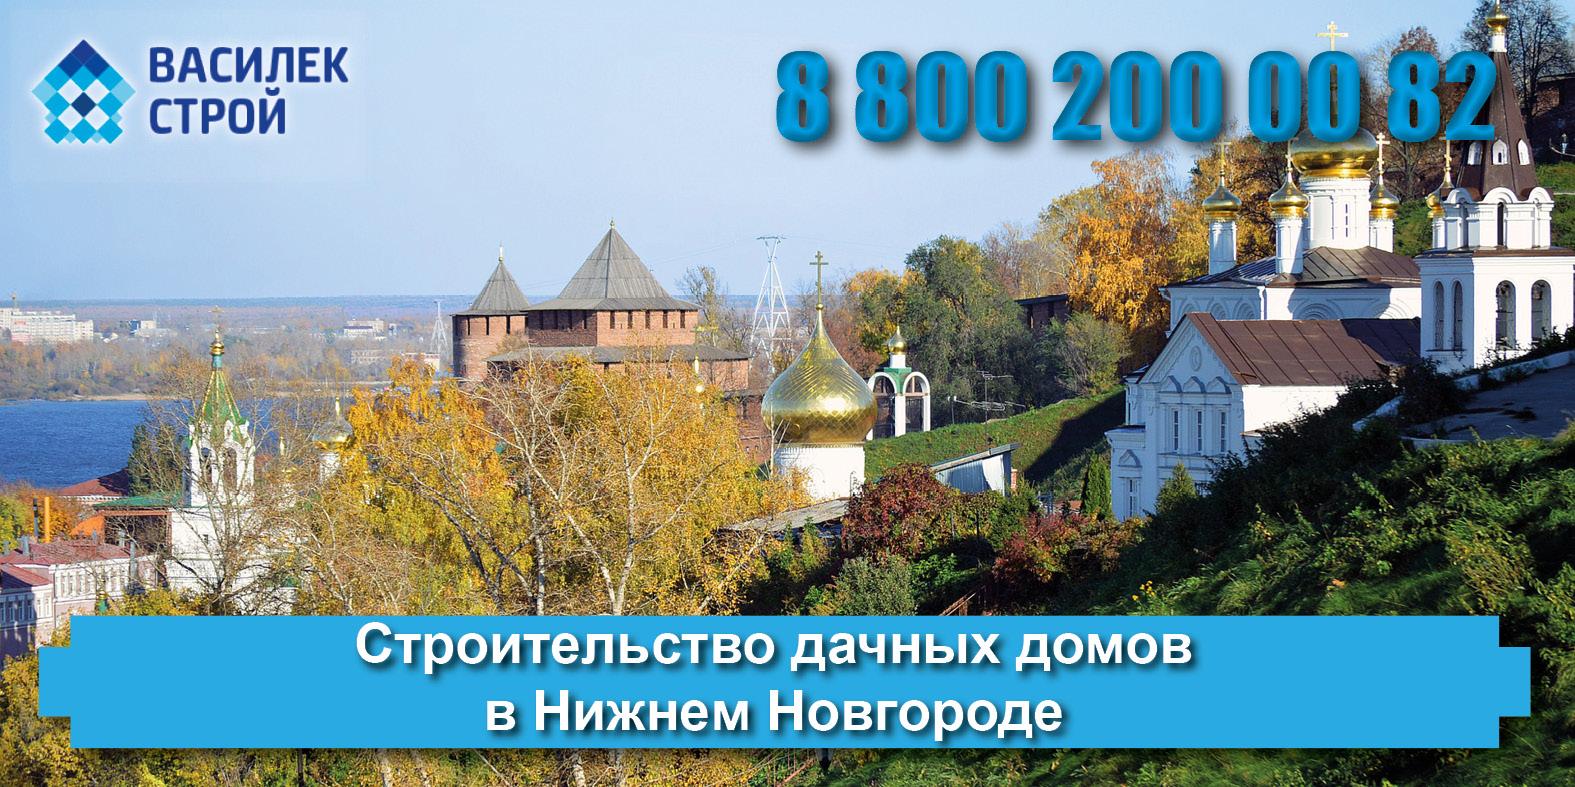 Строительство дачных домов в Нижнем Новгороде